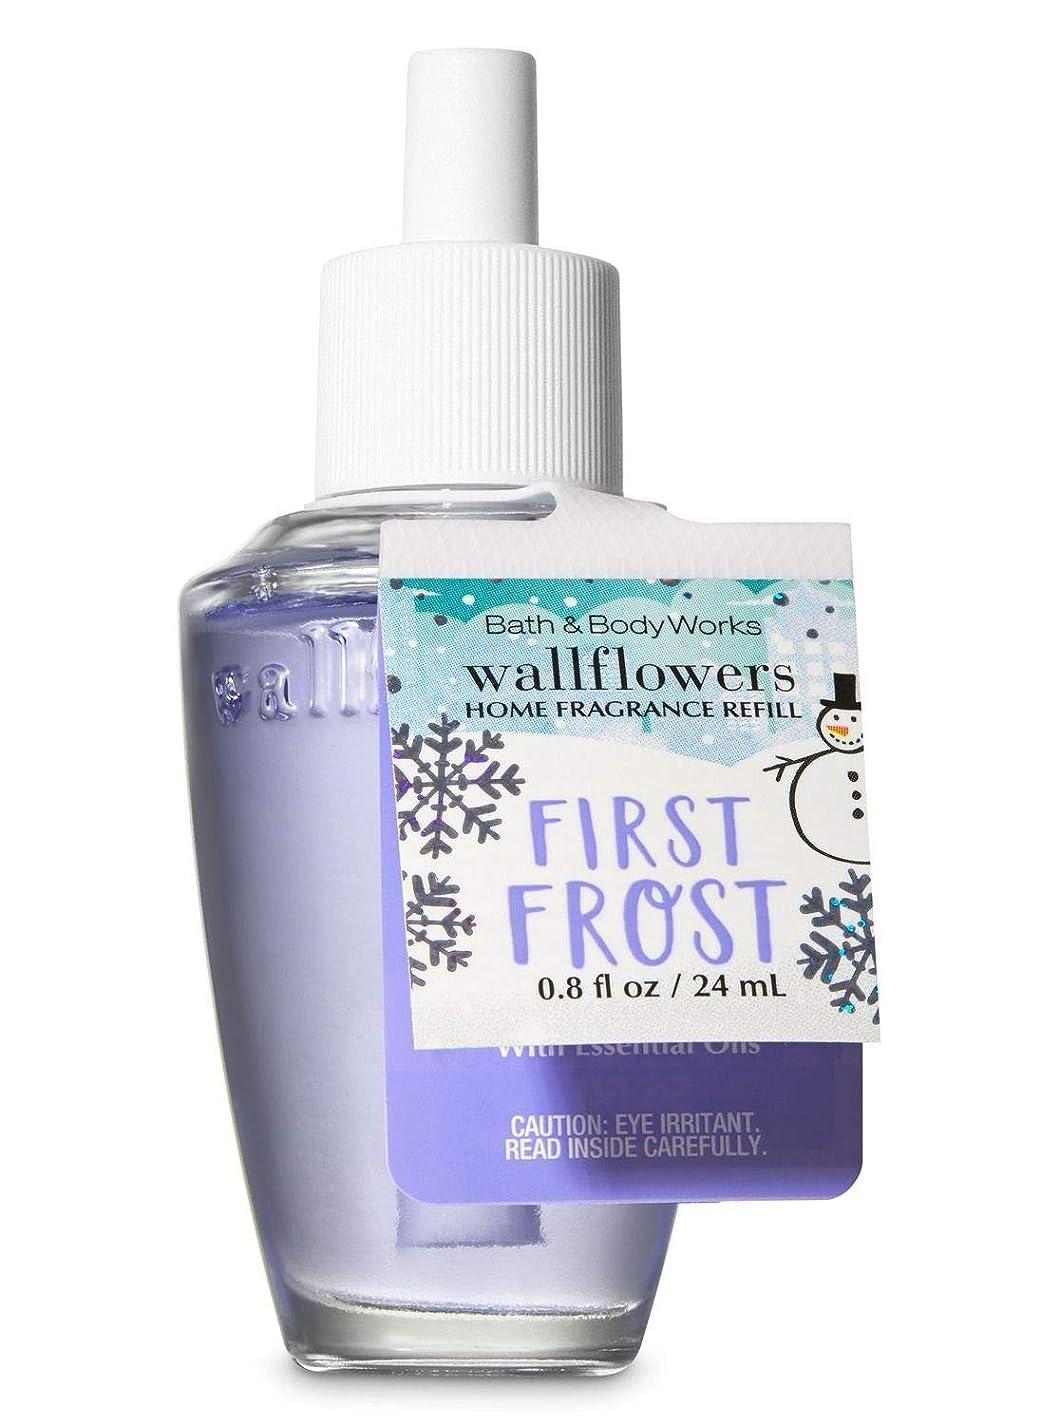 ピラミッド底隙間【Bath&Body Works/バス&ボディワークス】 ルームフレグランス 詰替えリフィル ファーストフロスト Wallflowers Home Fragrance Refill First Frost [並行輸入品]